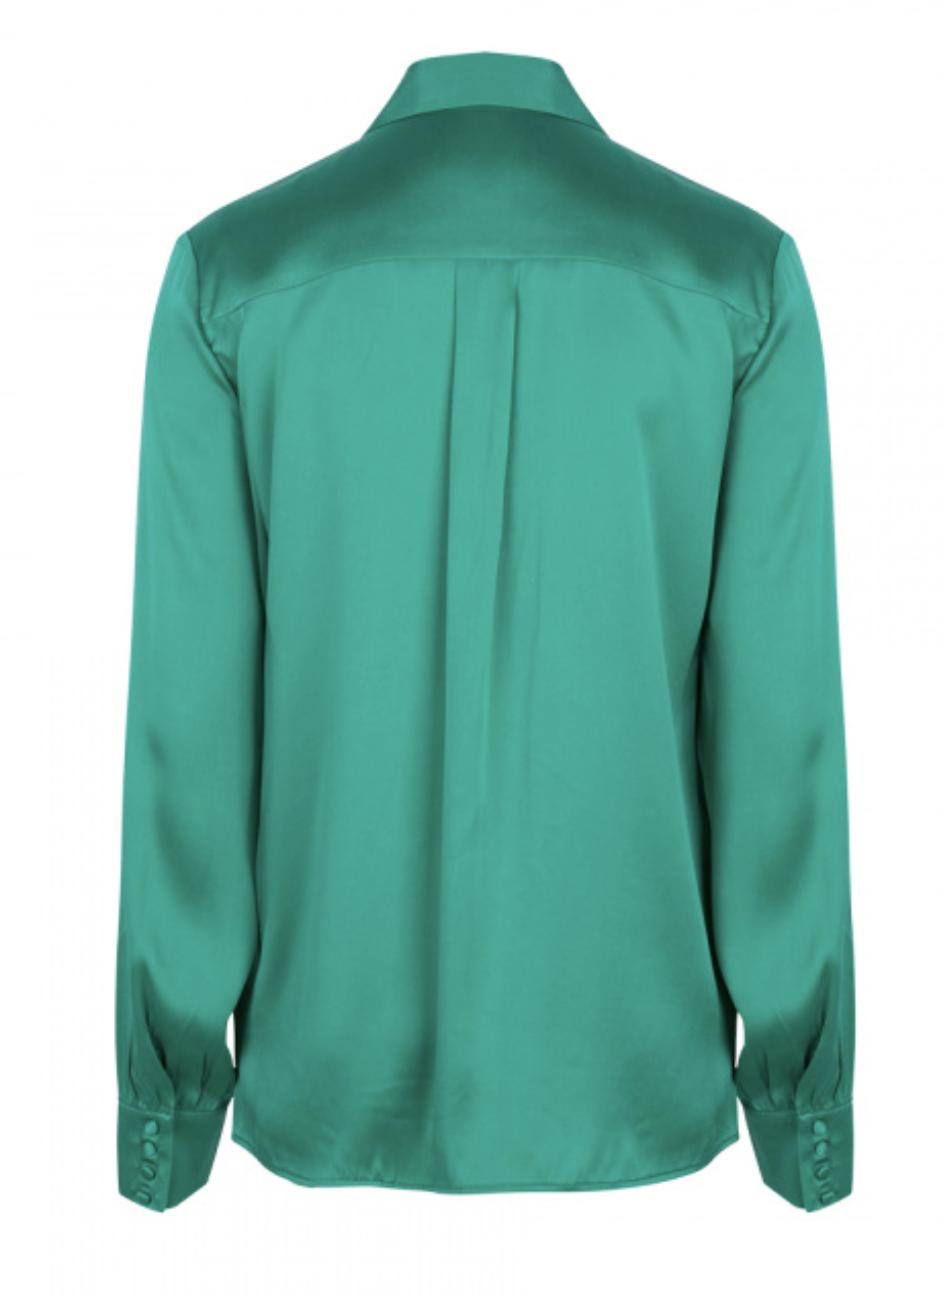 Silk blouse Sylvain (verkrijgbaar in 2 kleuren)-3